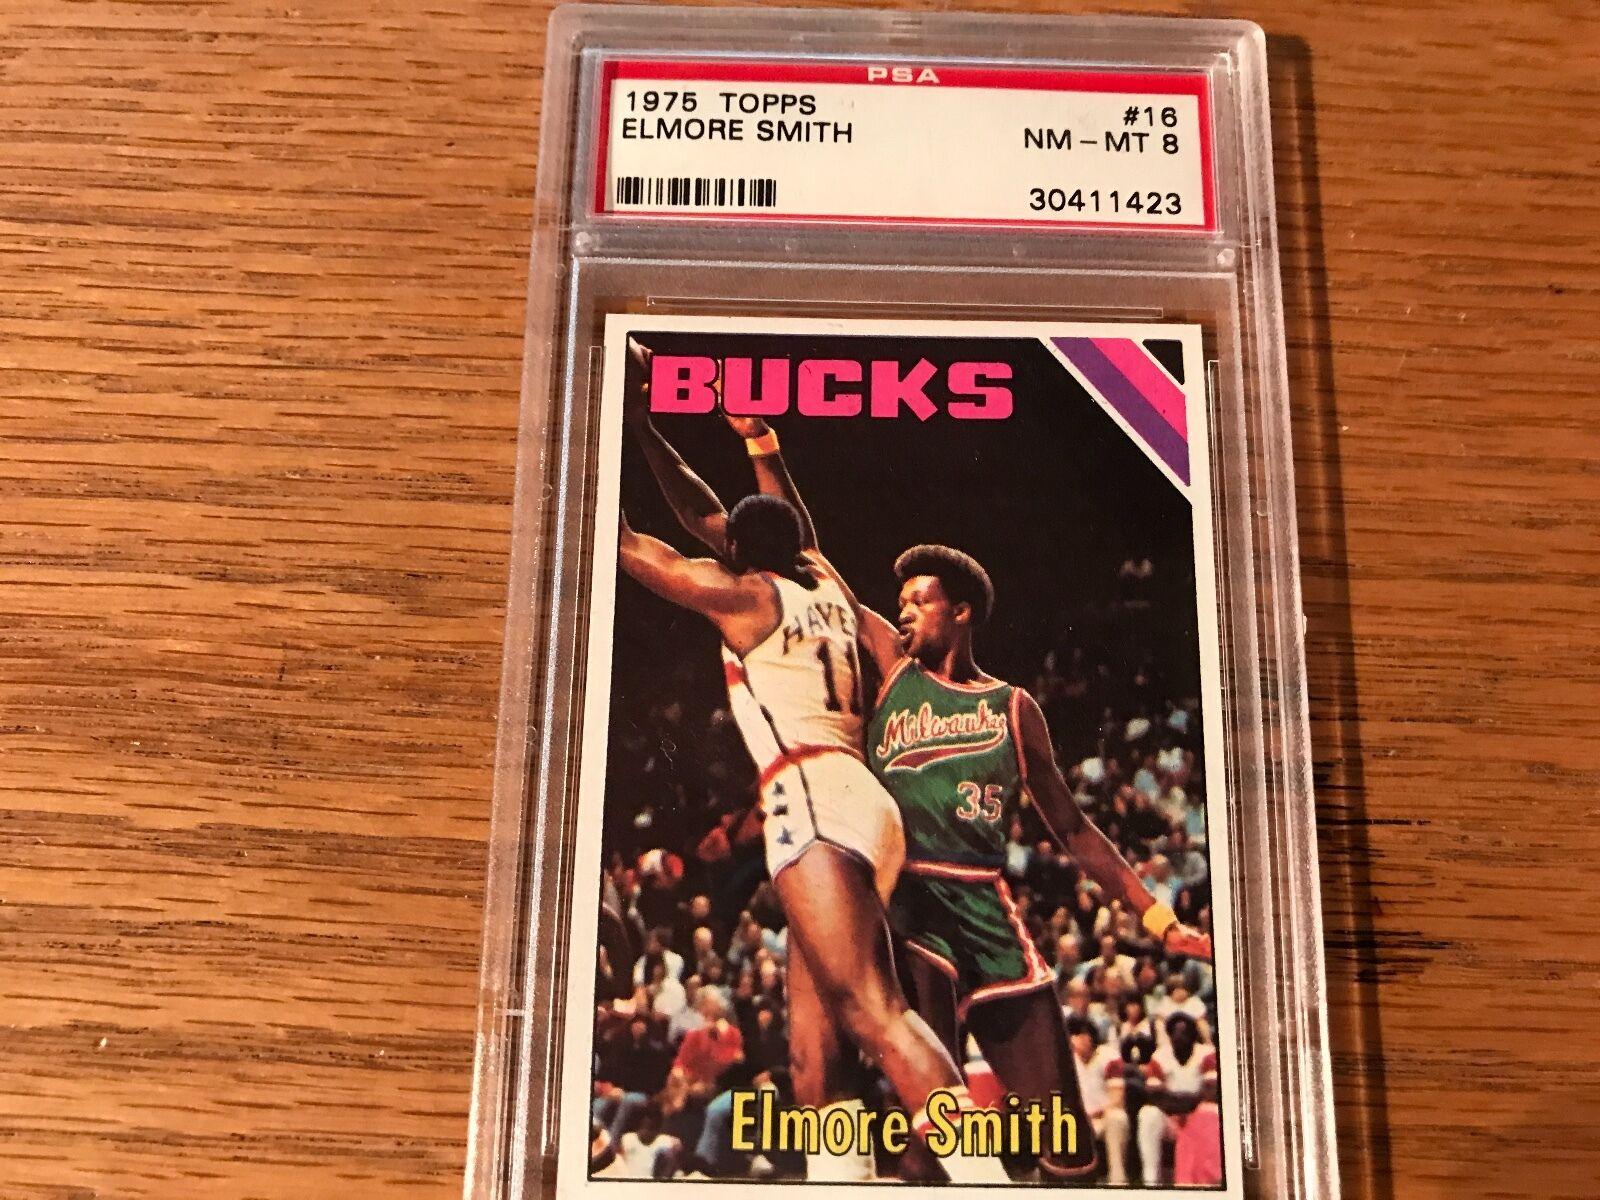 1975 Topps Elmore Smith 16 Basketball Card